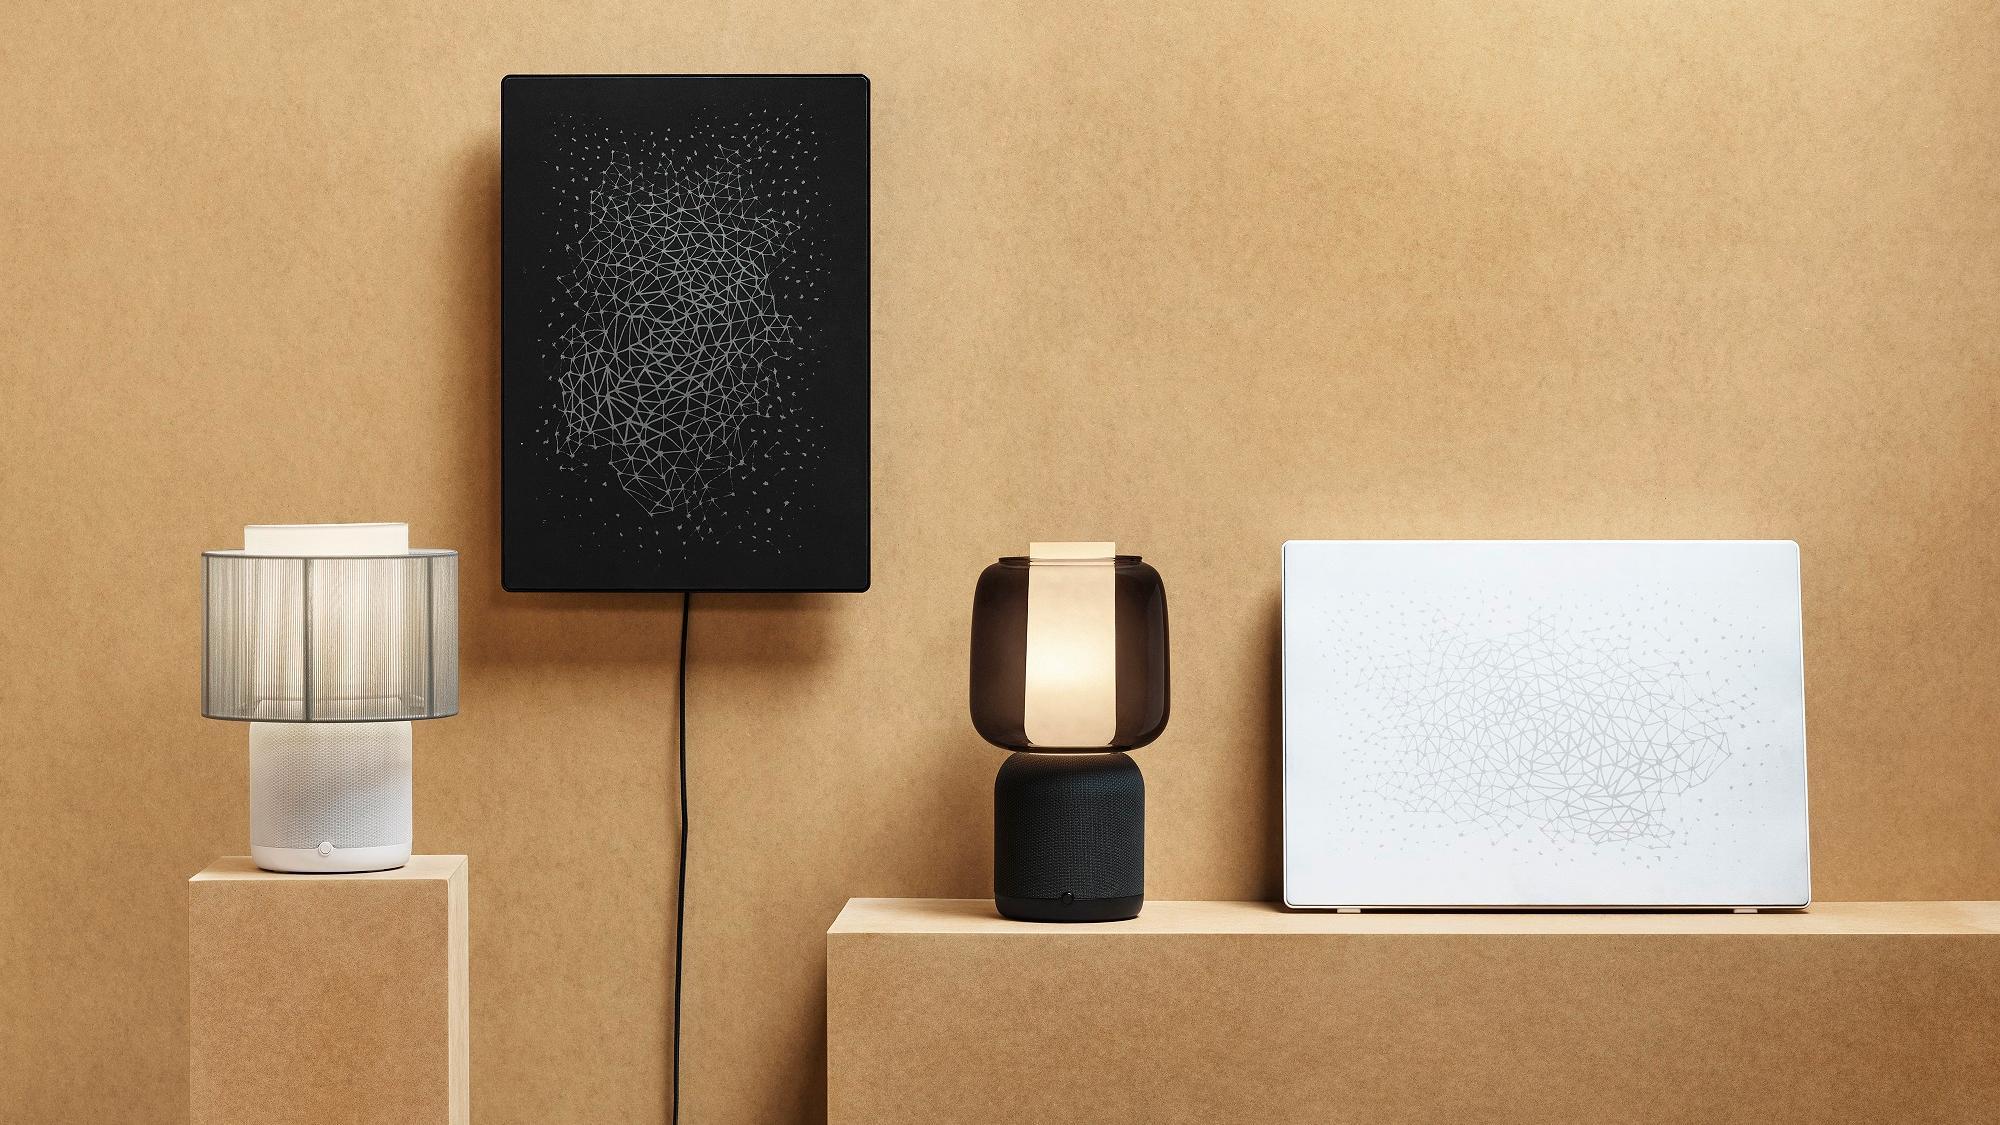 Ikea og Sonos slipper ny versjon av sin lampehøyttaler